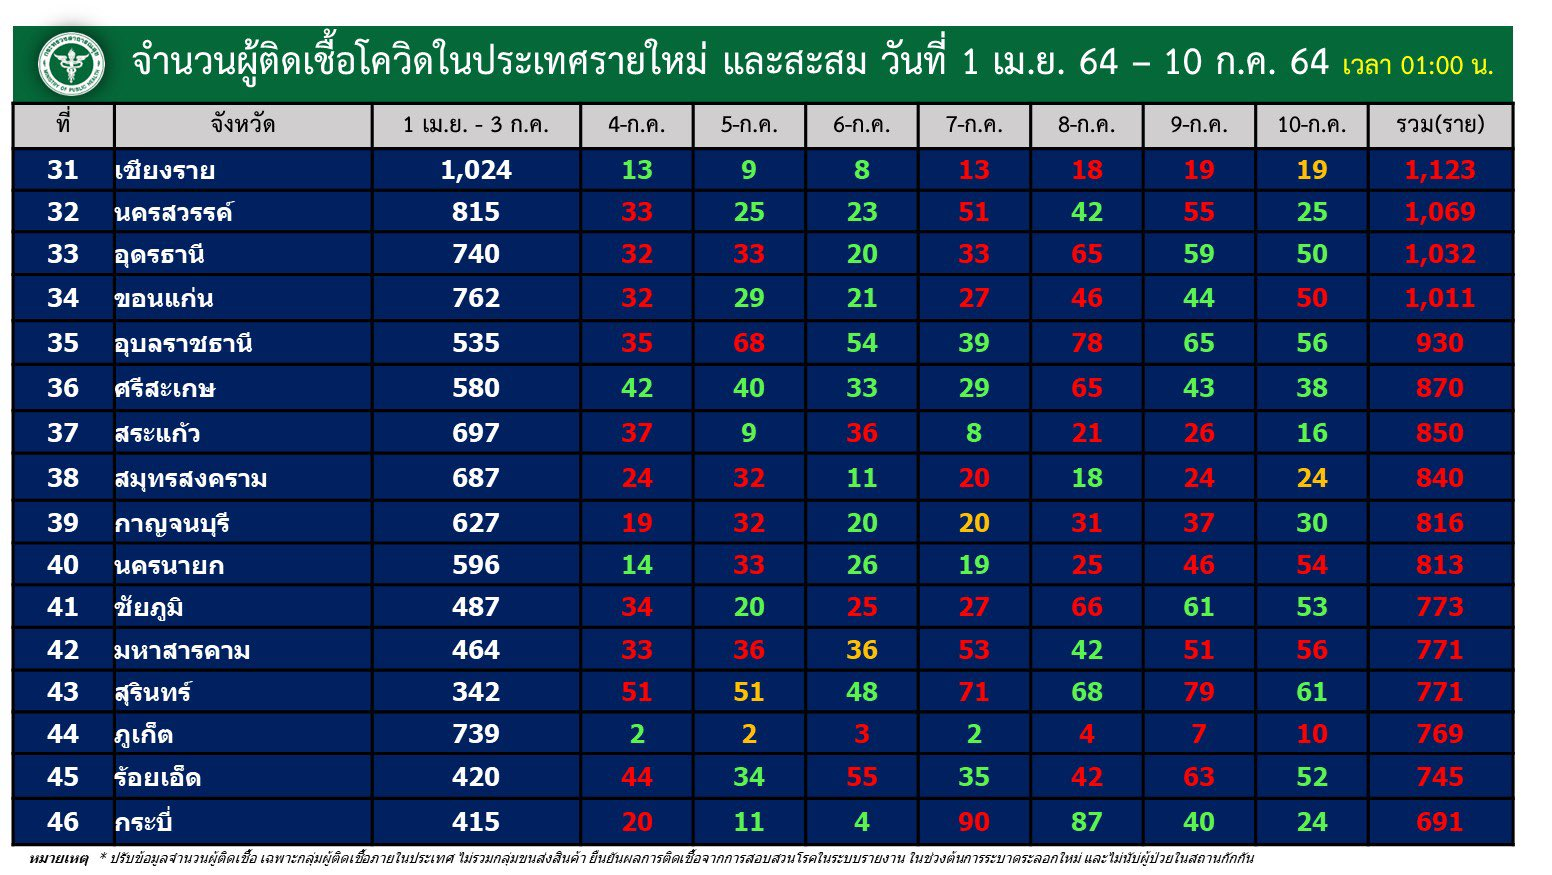 www.thaiguide.dk/images/forum/covid19/smitte%20provinser%20dag%20og%20total%2009-07-21%203.jpg